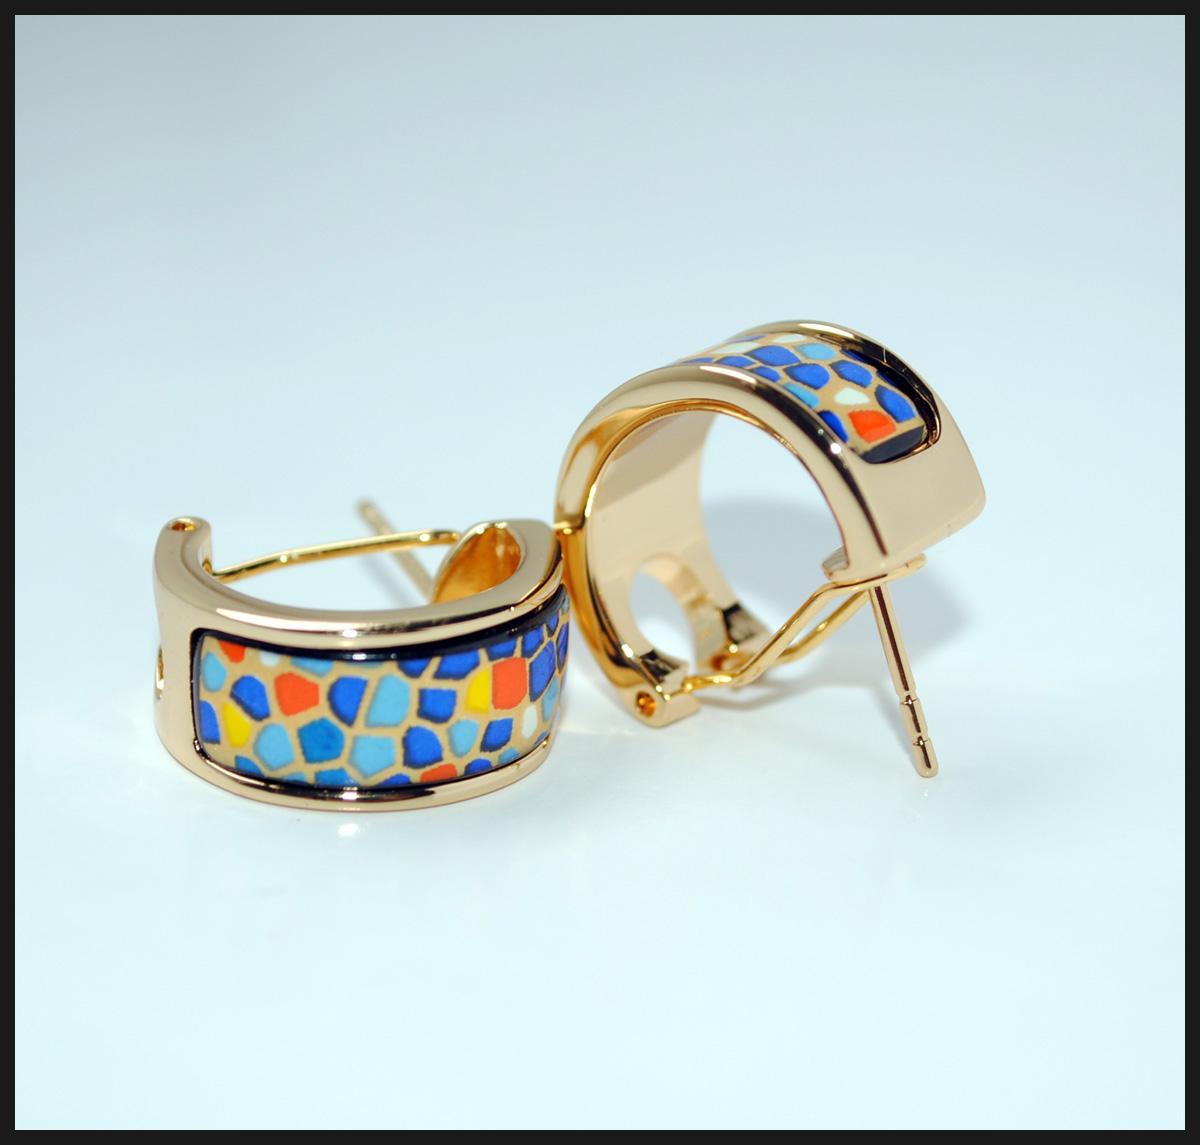 Pendientes de aro de la serie Pieces Hoop Pendientes de aro de oro de 18 quilates para mujer Pendientes de aro de calidad superior